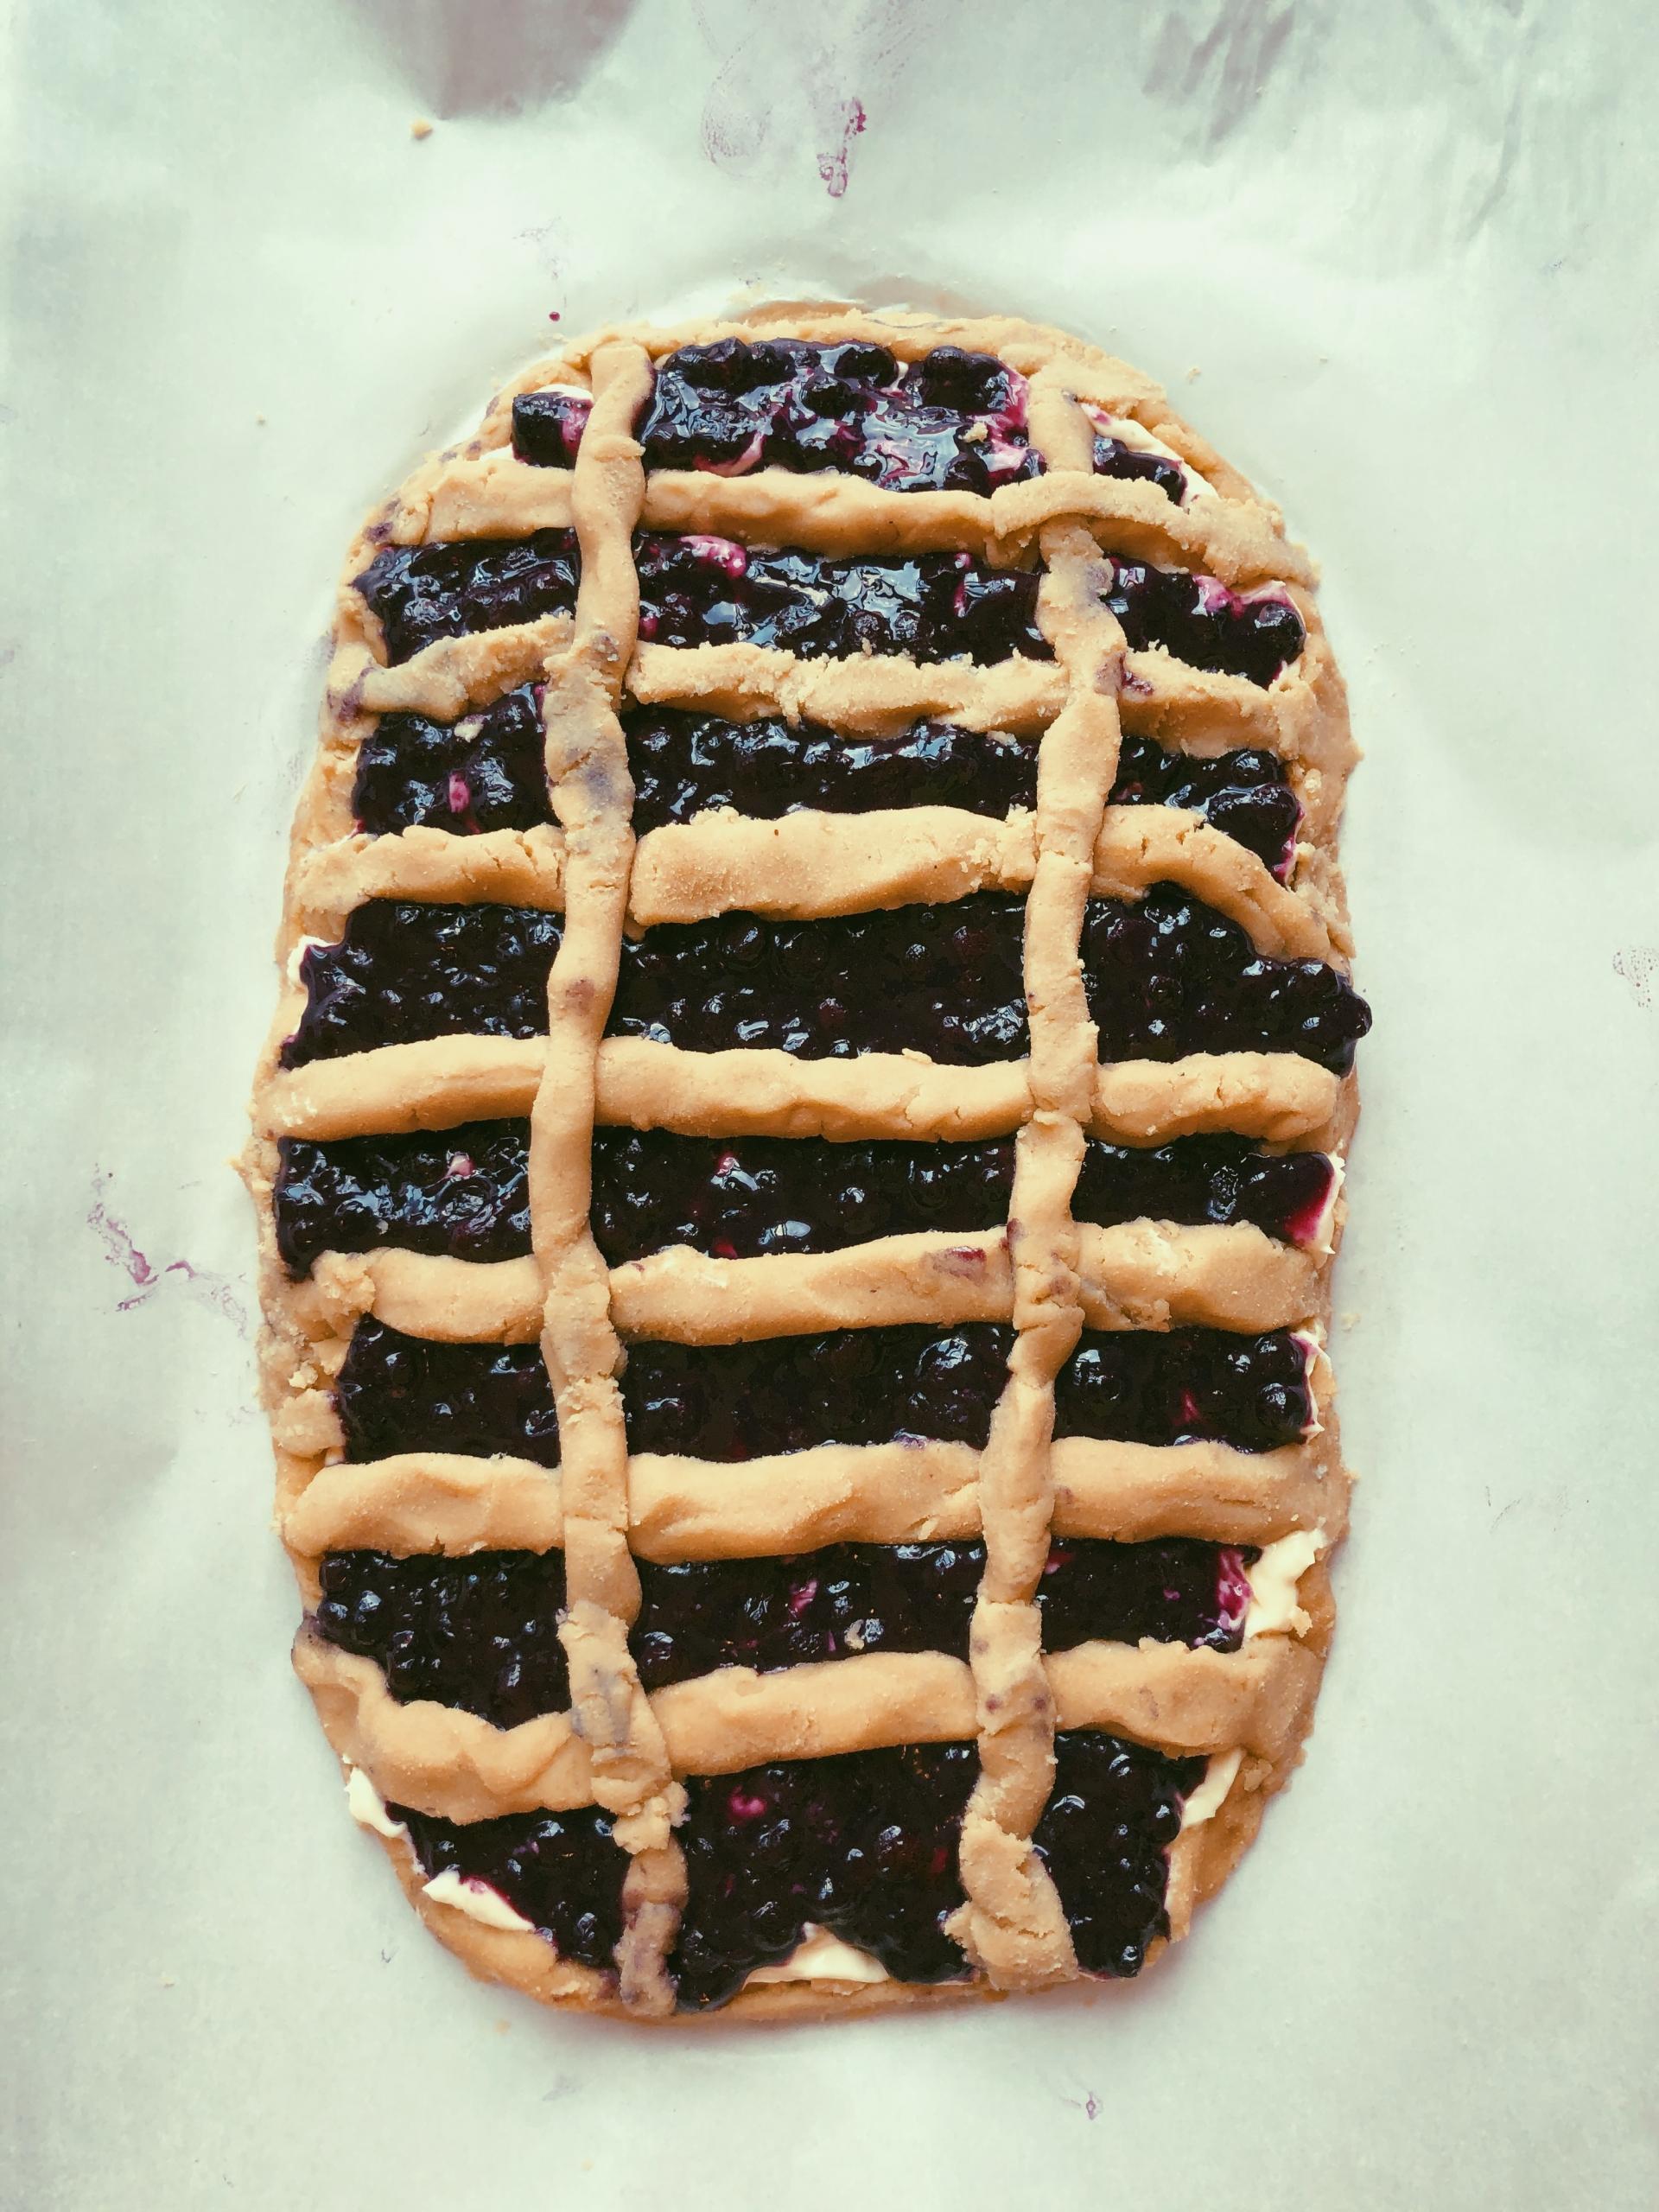 BLUEBERRY CREAMCHEESE DANISH (GRAIN FREE, SCD DIET)